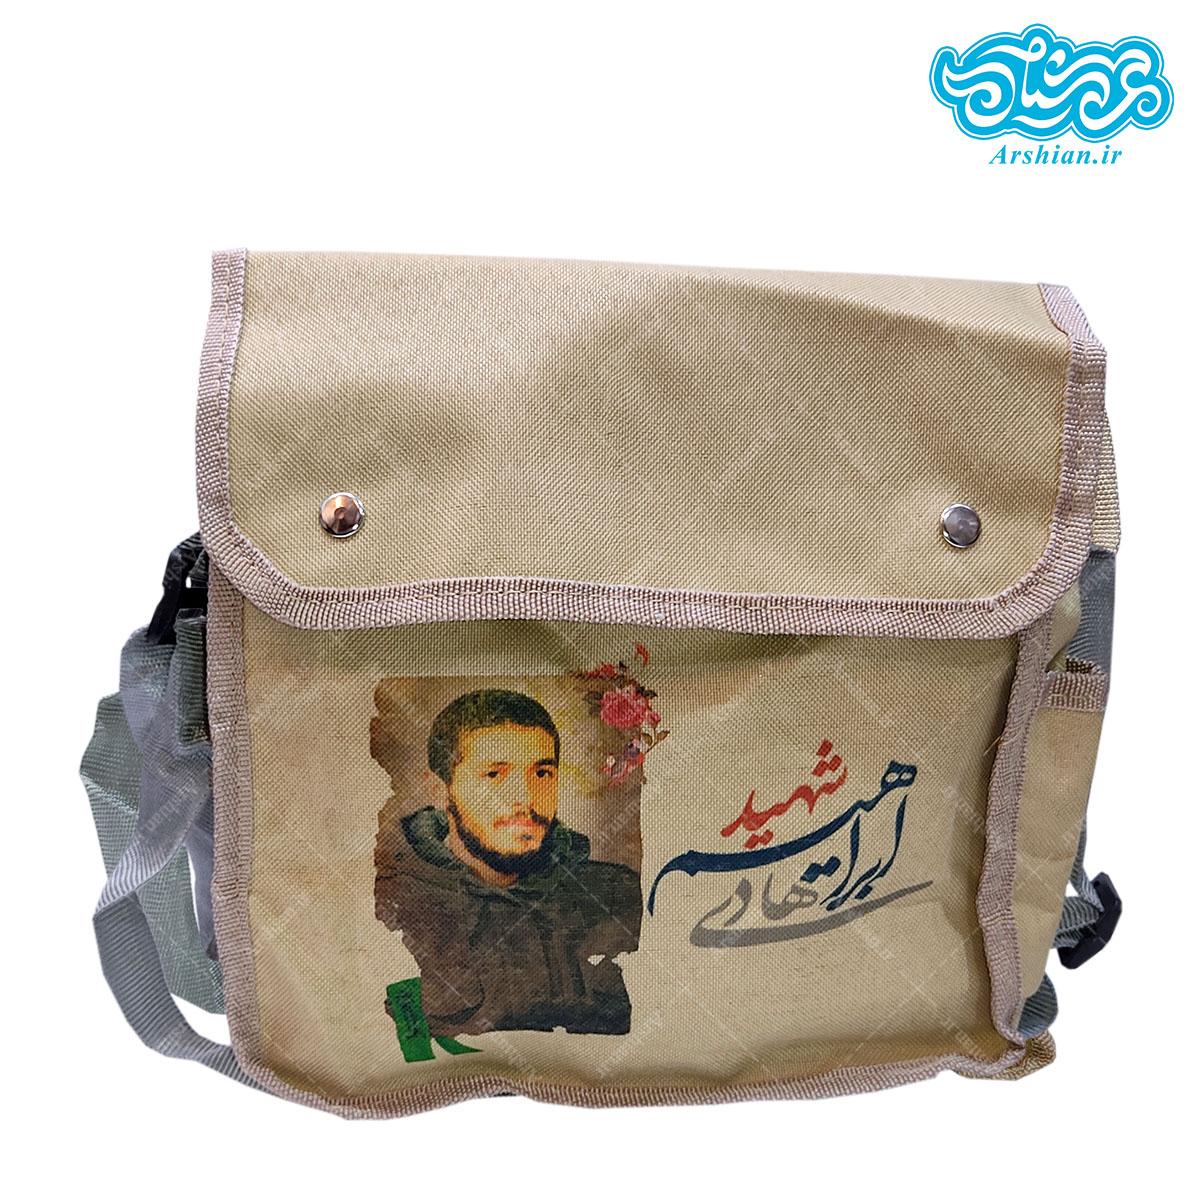 کیف رودوشی طرح شهید ابراهیم هادی کد001